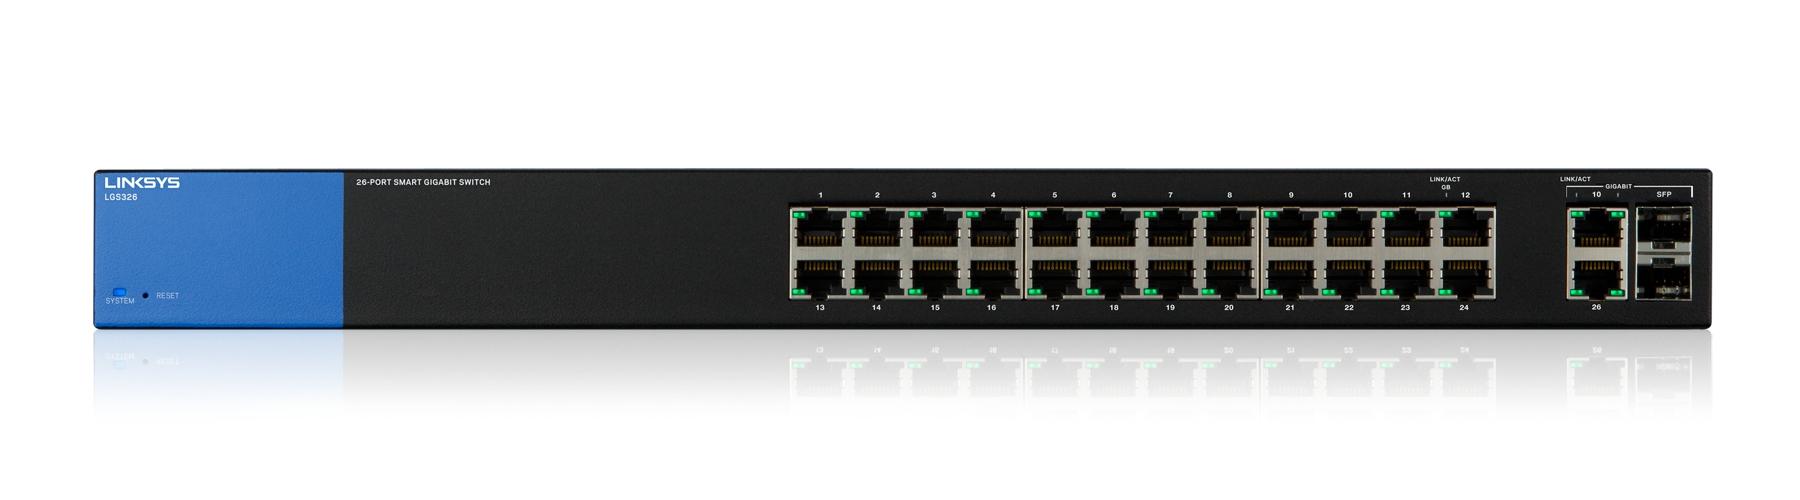 Linksys Smart Swtich Gigabit de 26 puertos (LGS326)